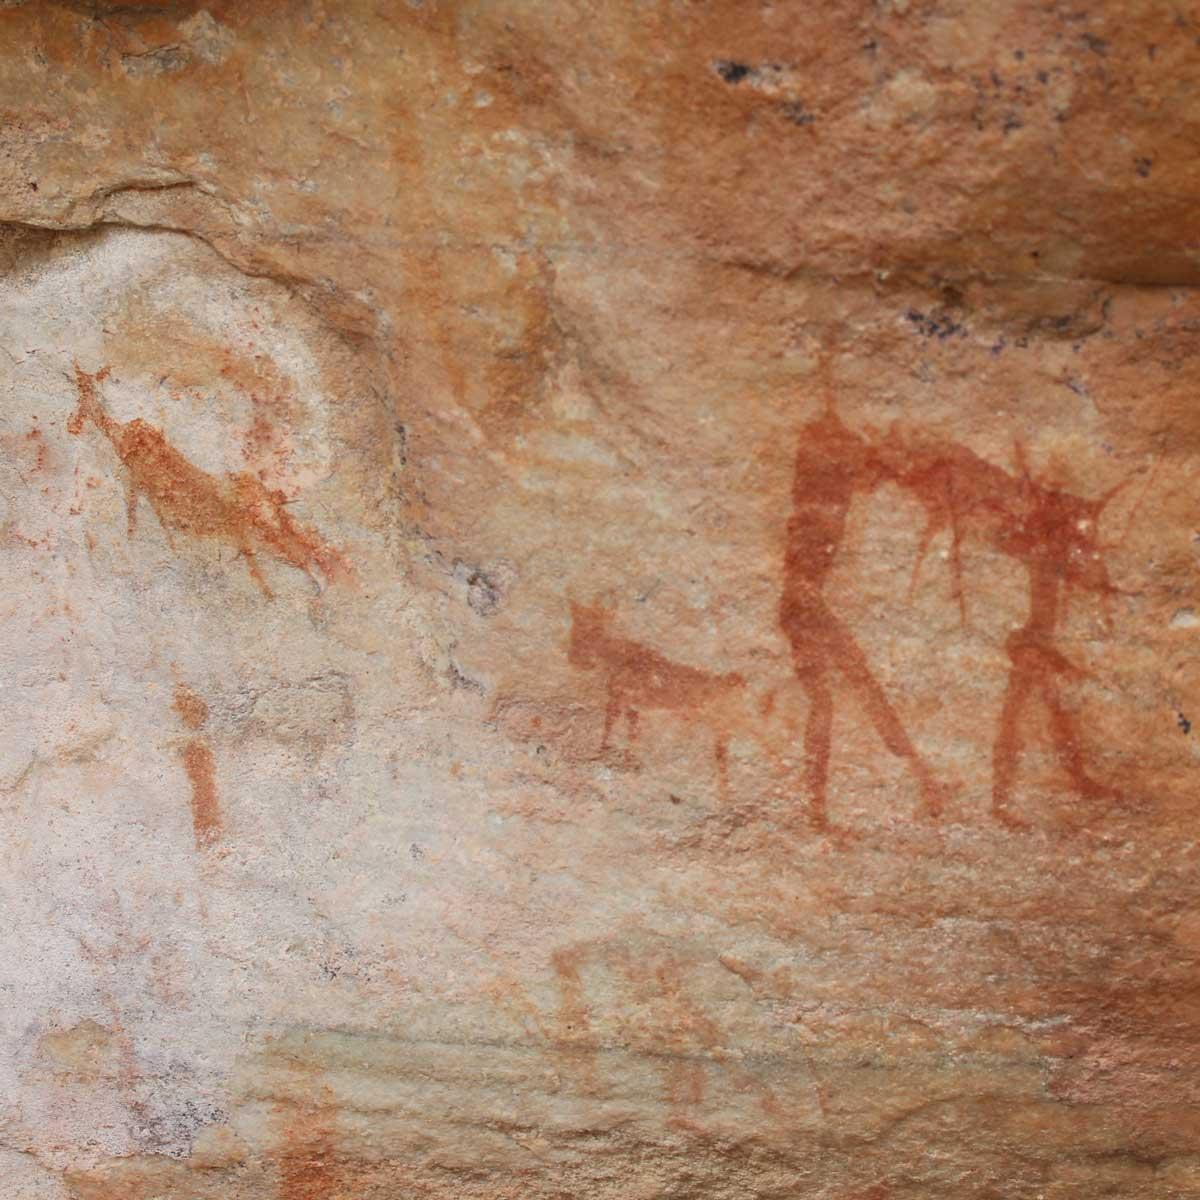 cederbergtours-bushman-painting-tour